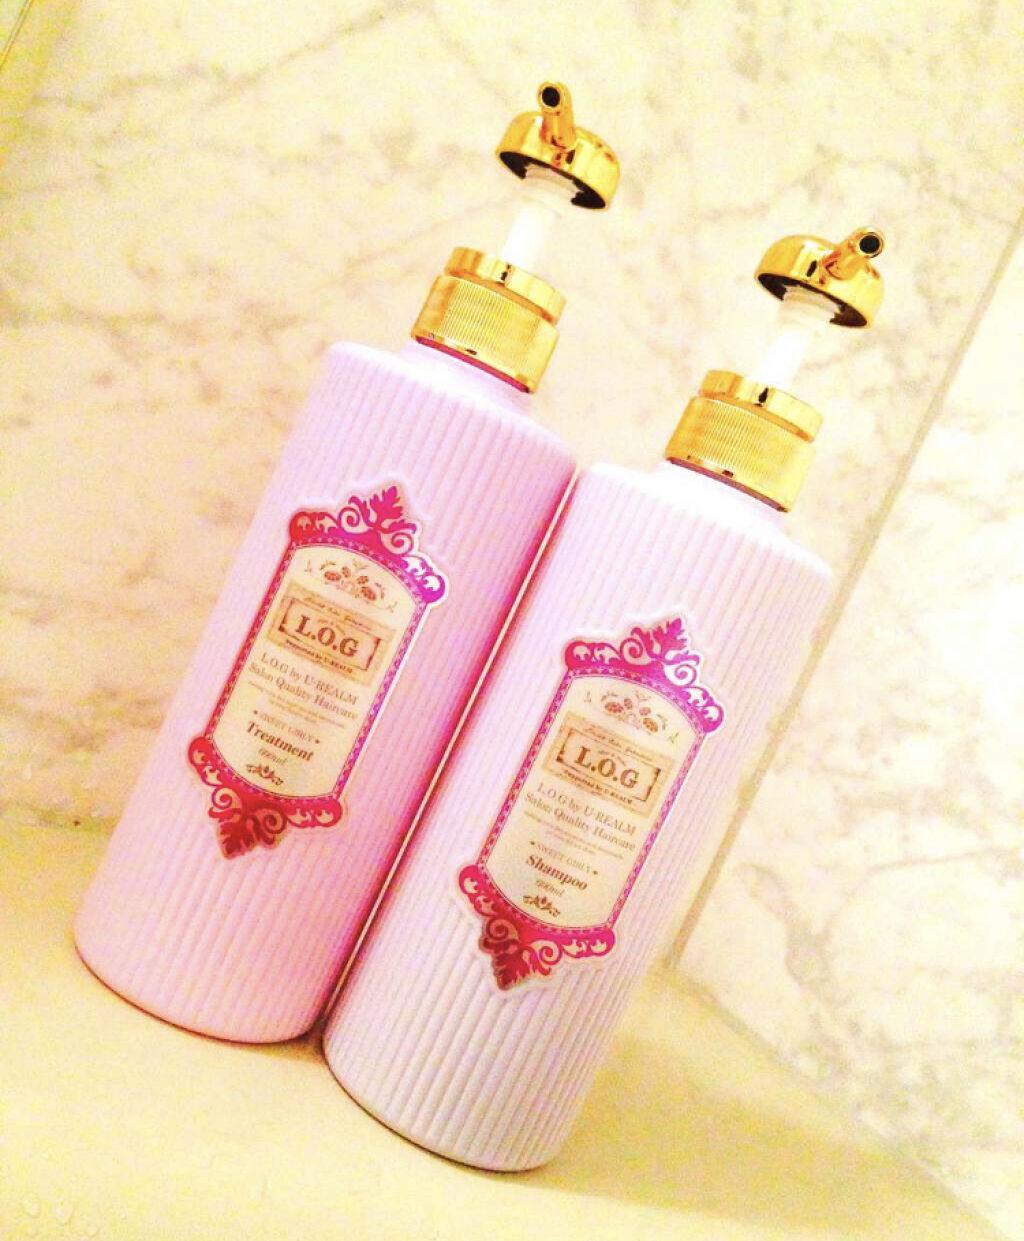 「良い香りにうっとり♡バスルームが癒しの空間になるシャンプー&コンディショナーはコレ!」の画像(#68824)